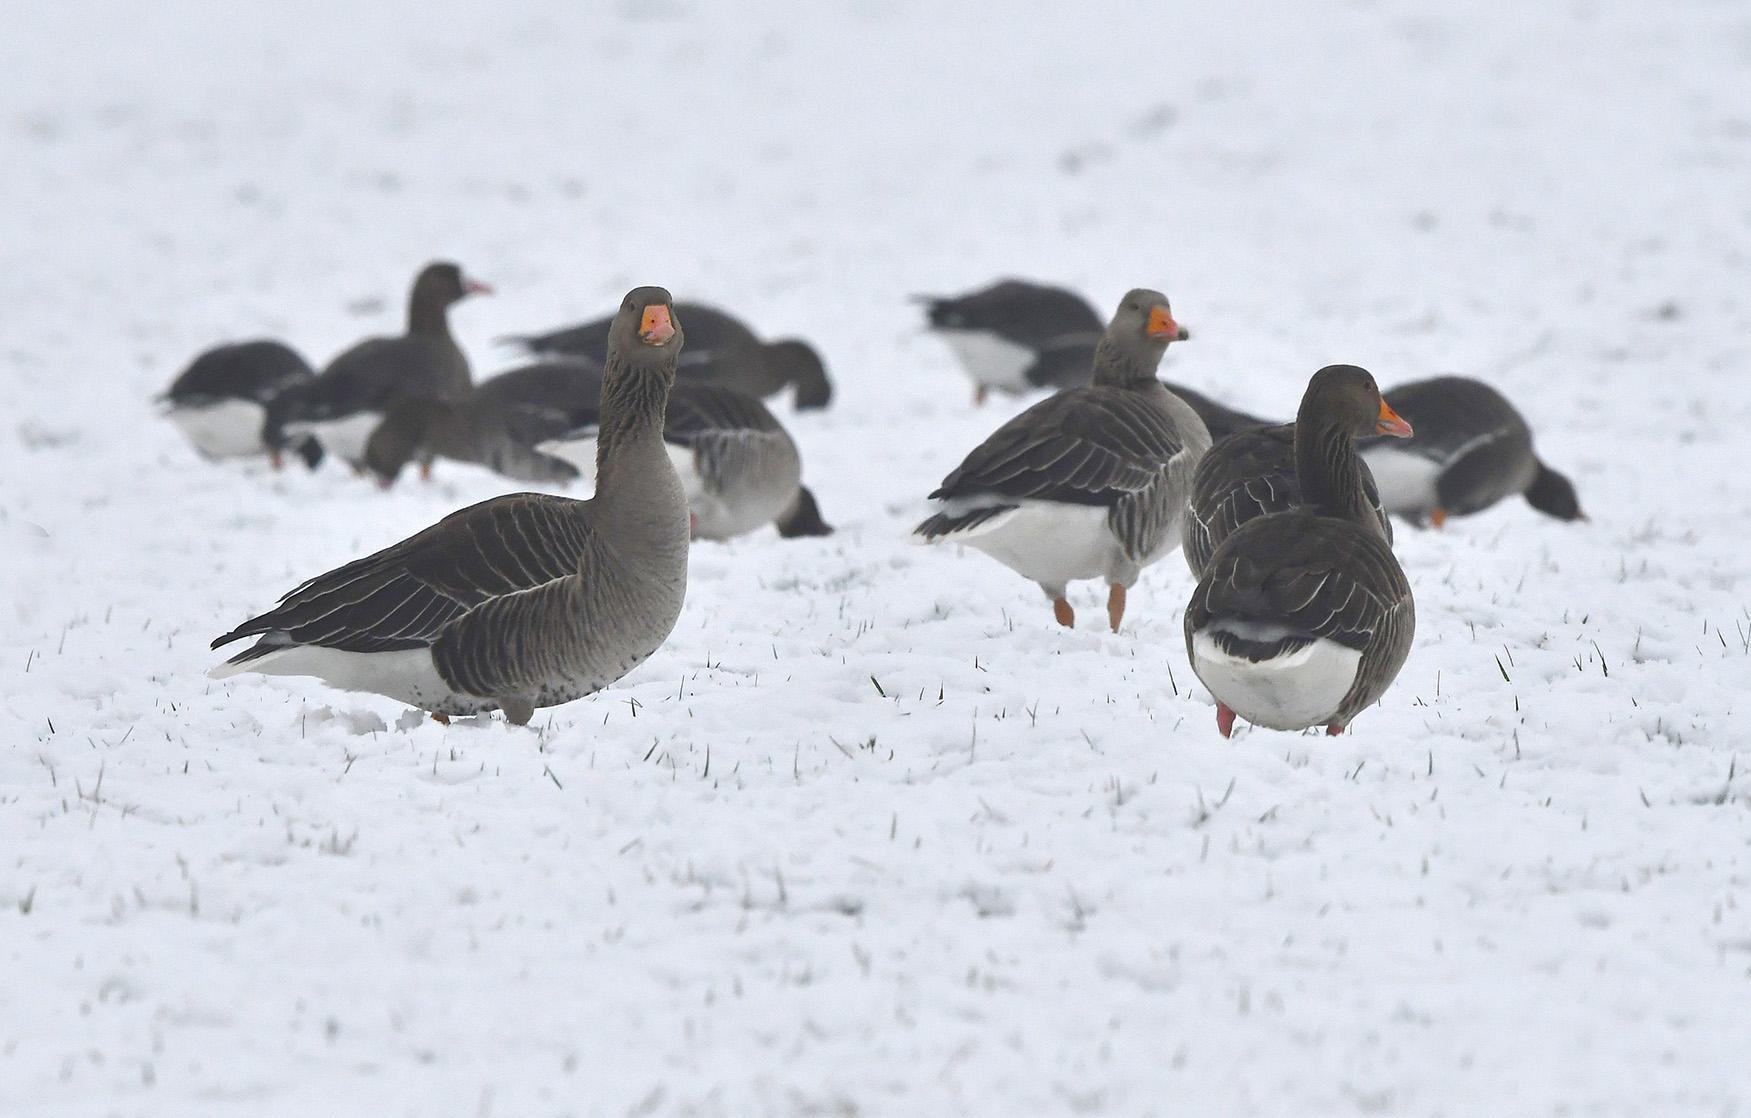 Nieuwsgierige Grauwe ganzen dicht bij elkaar...